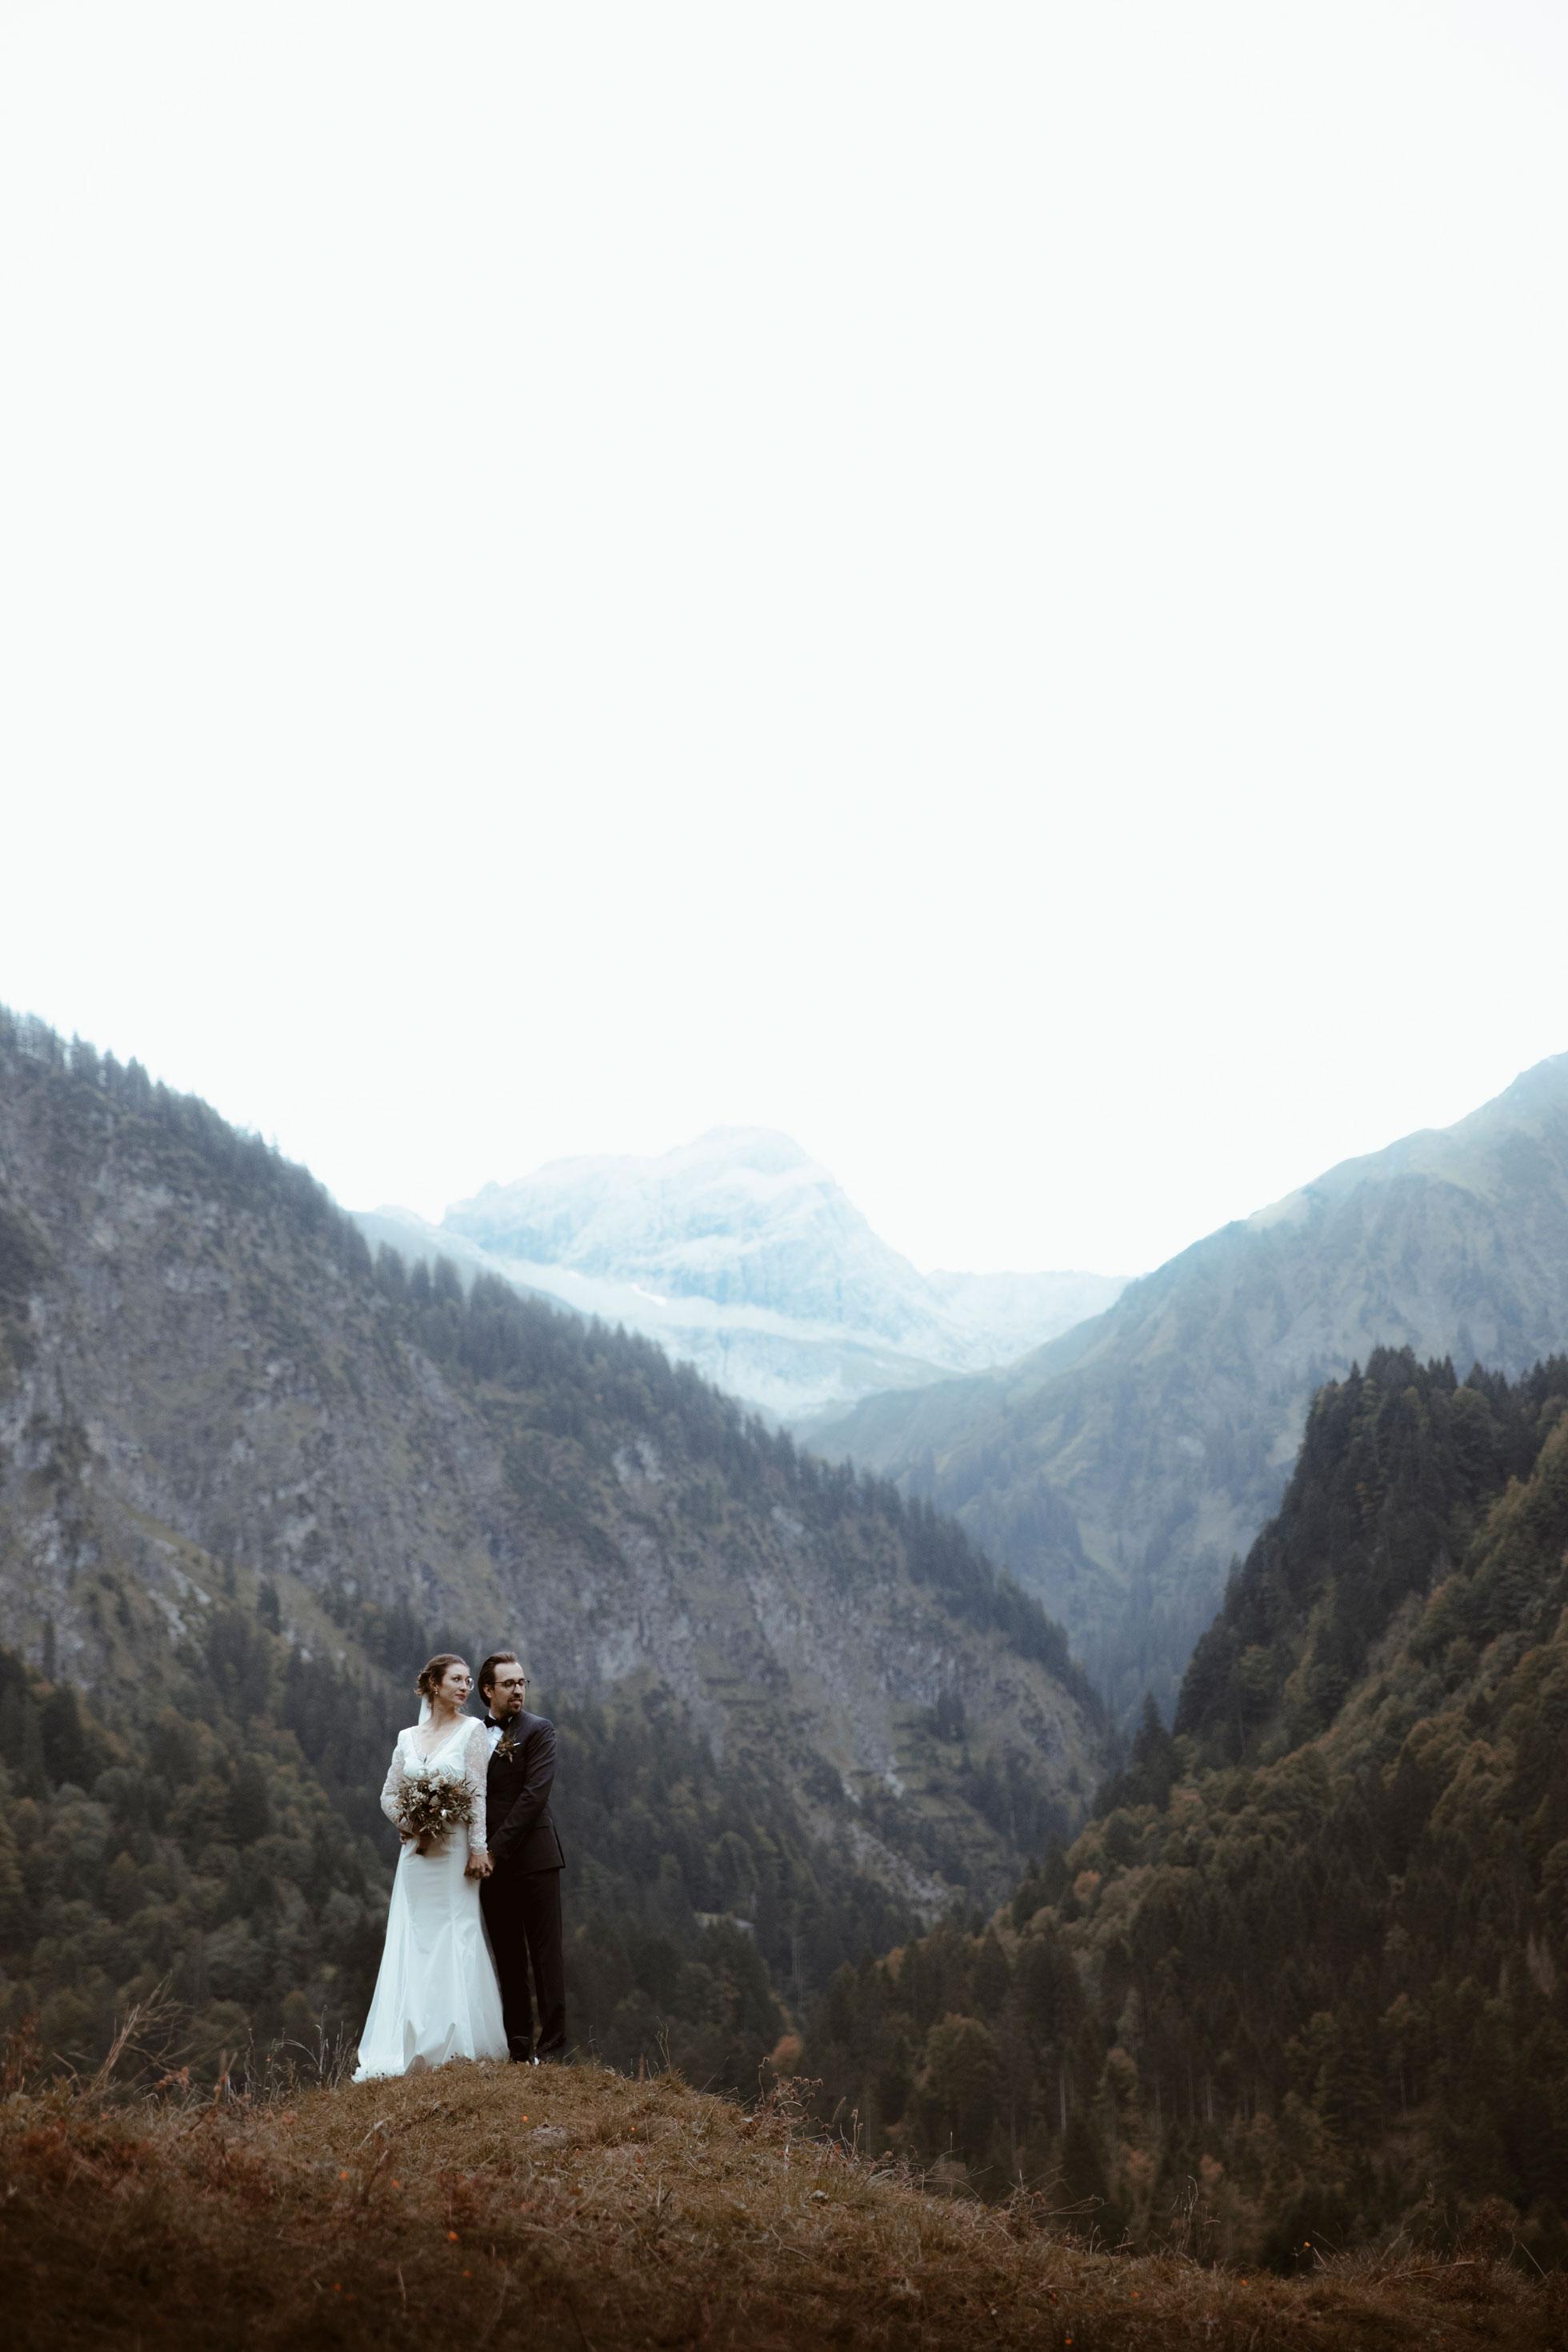 e20180922_claire_manuel_wedding_0675.jpg